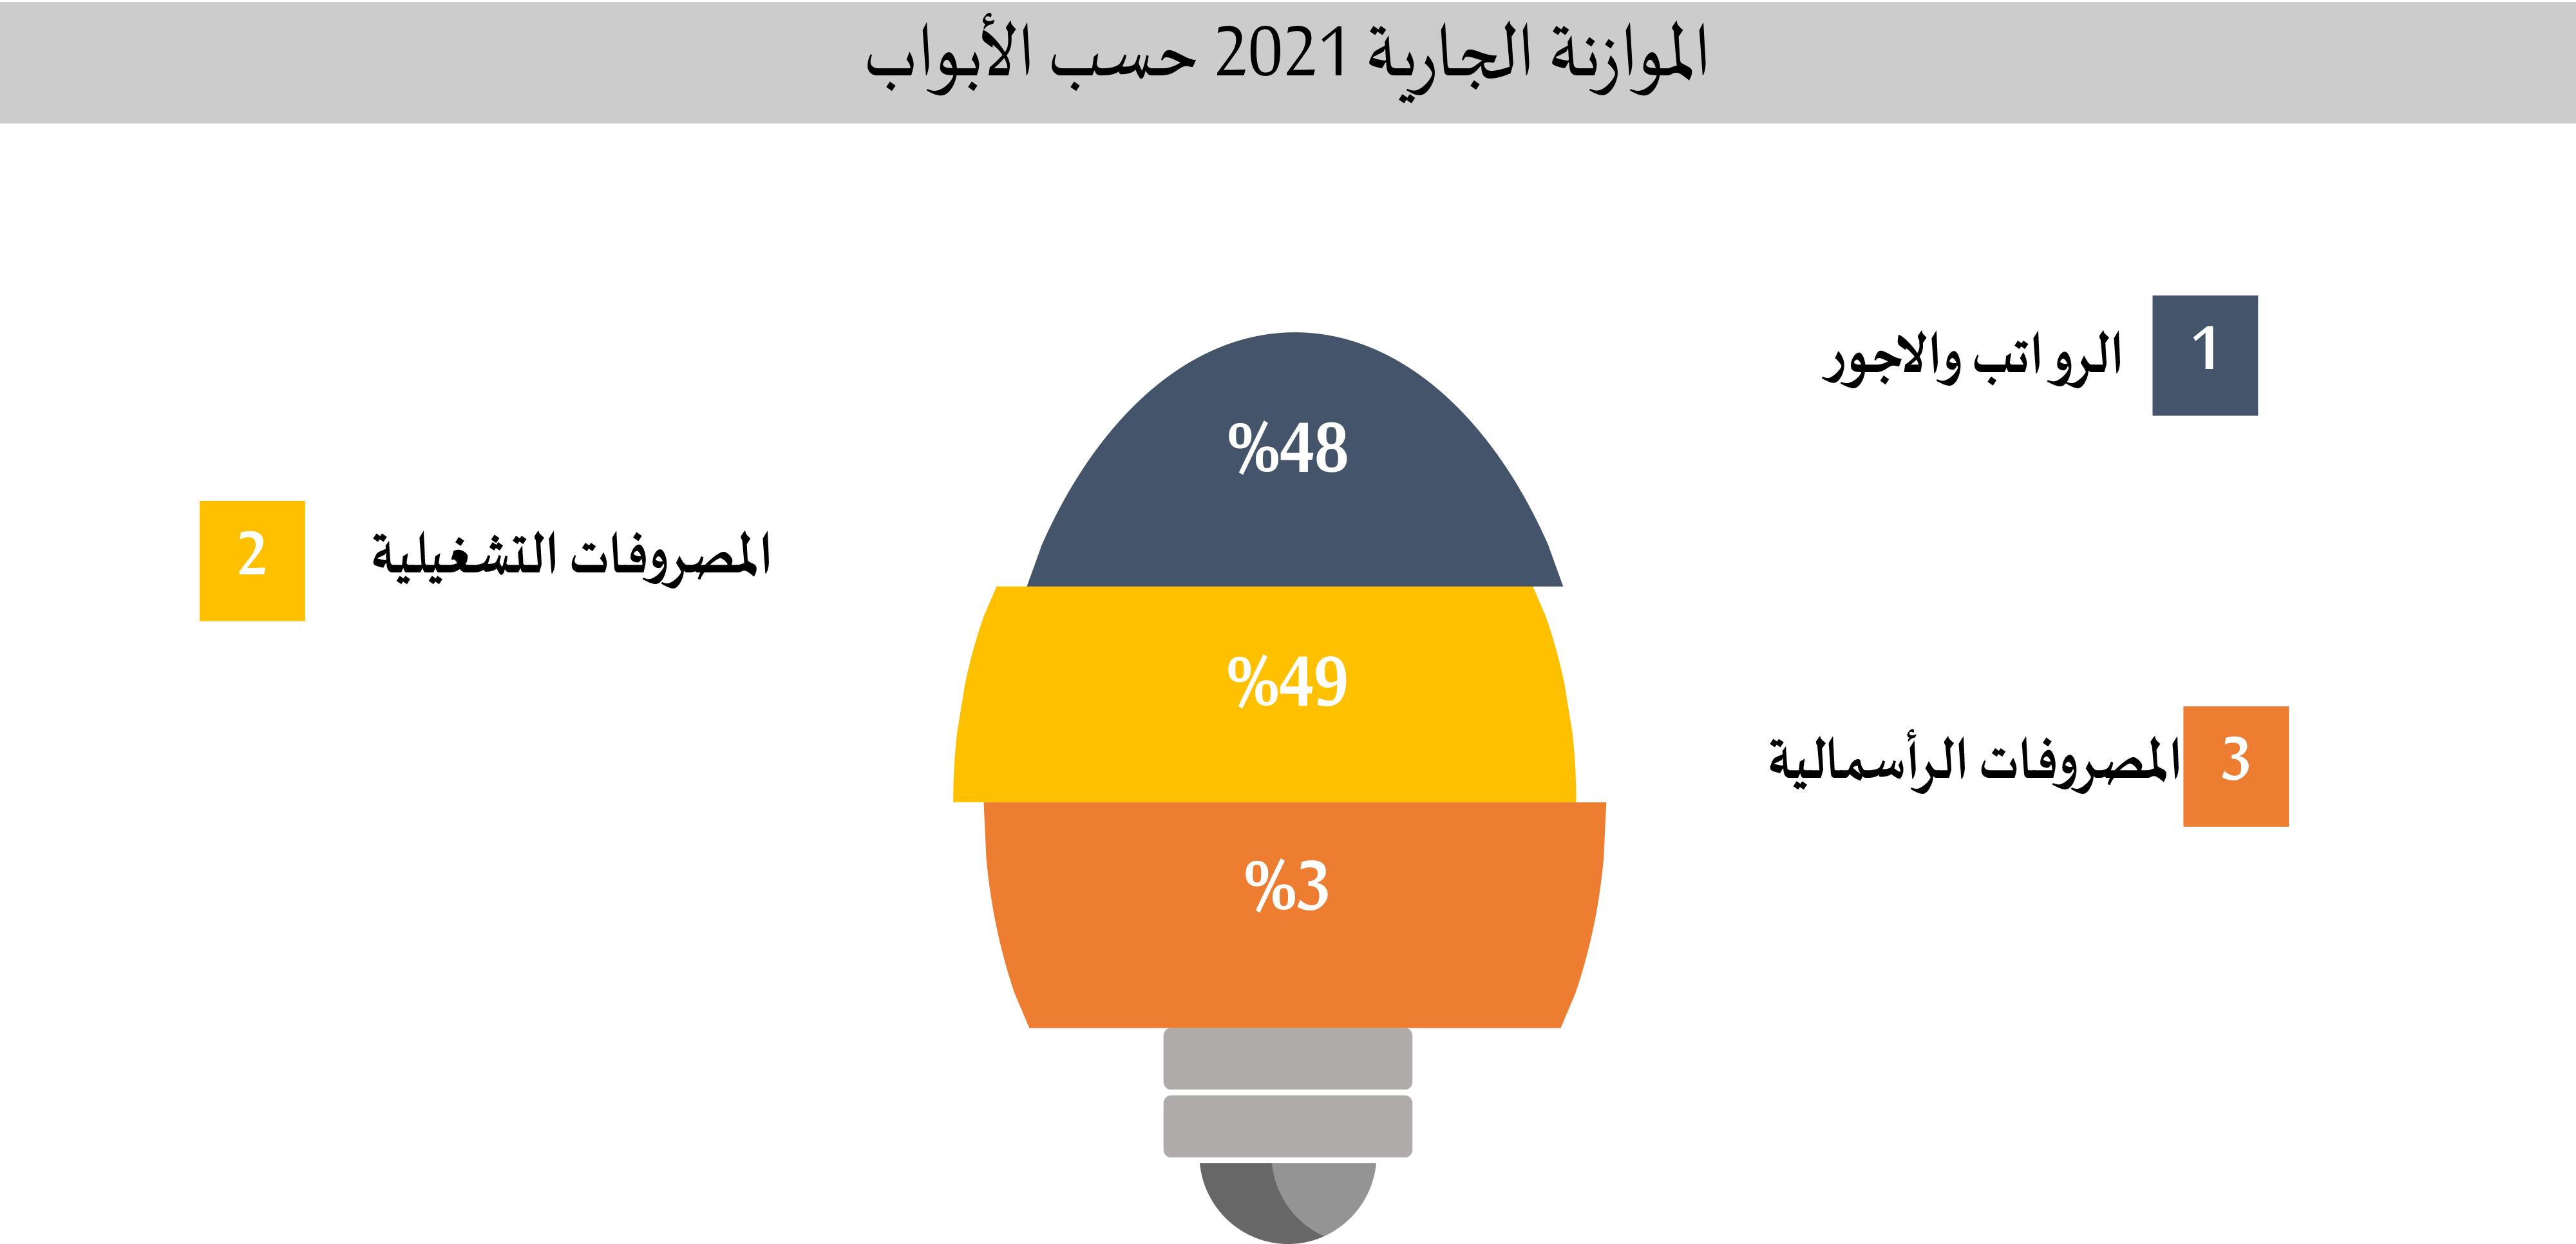 حاكم الشارقة يعتمد الموازنة العامة للإمارة بـ 33,6 مليار درهم لعام 2021